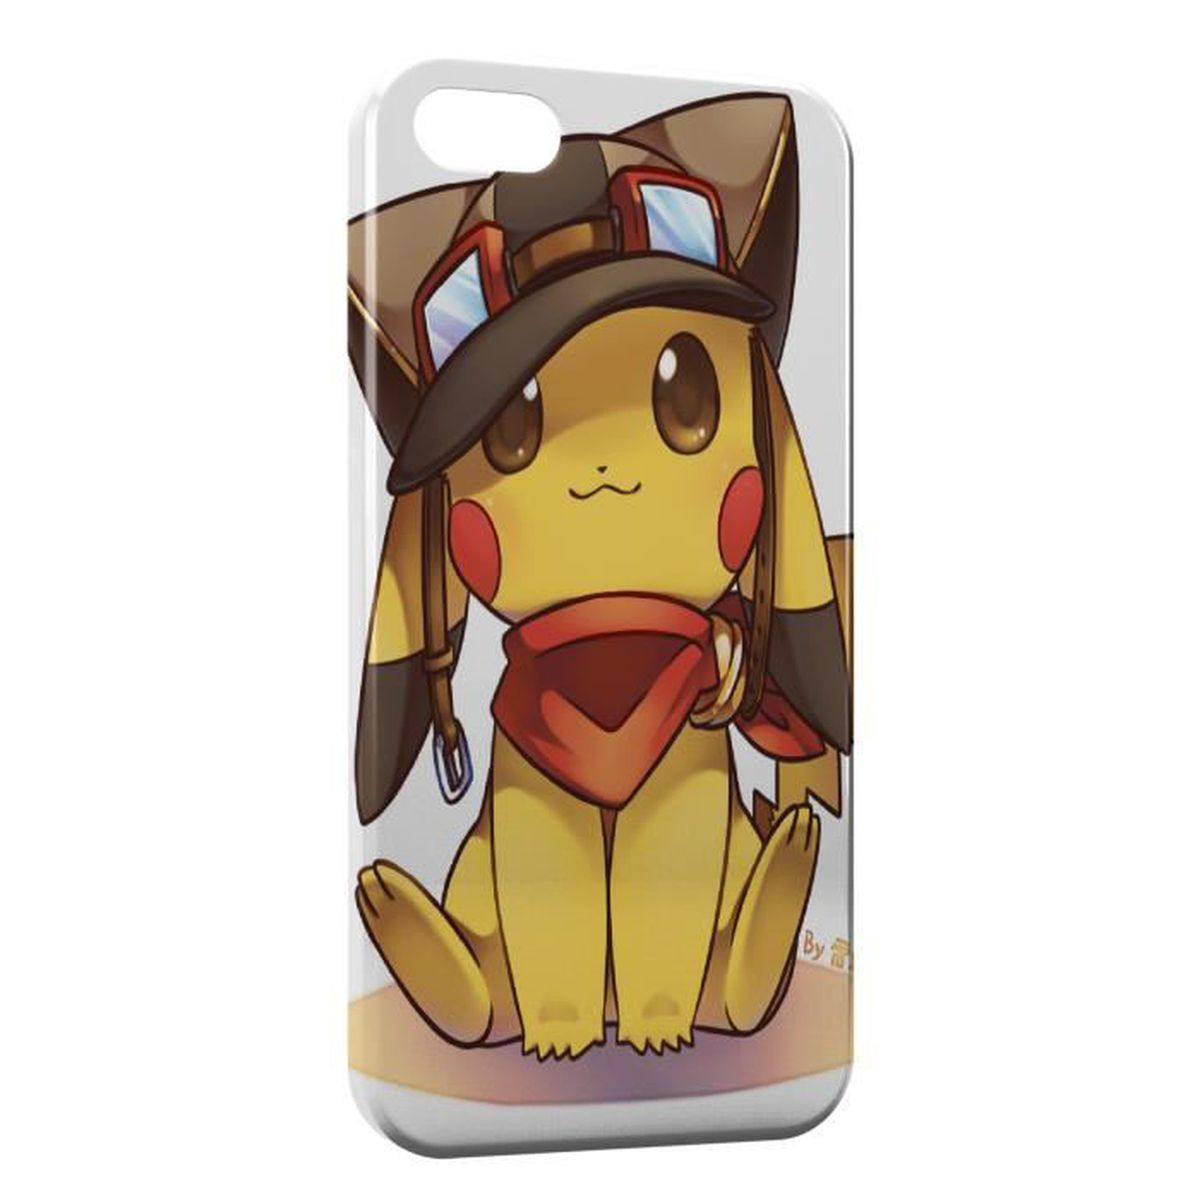 coque cute iphone 5